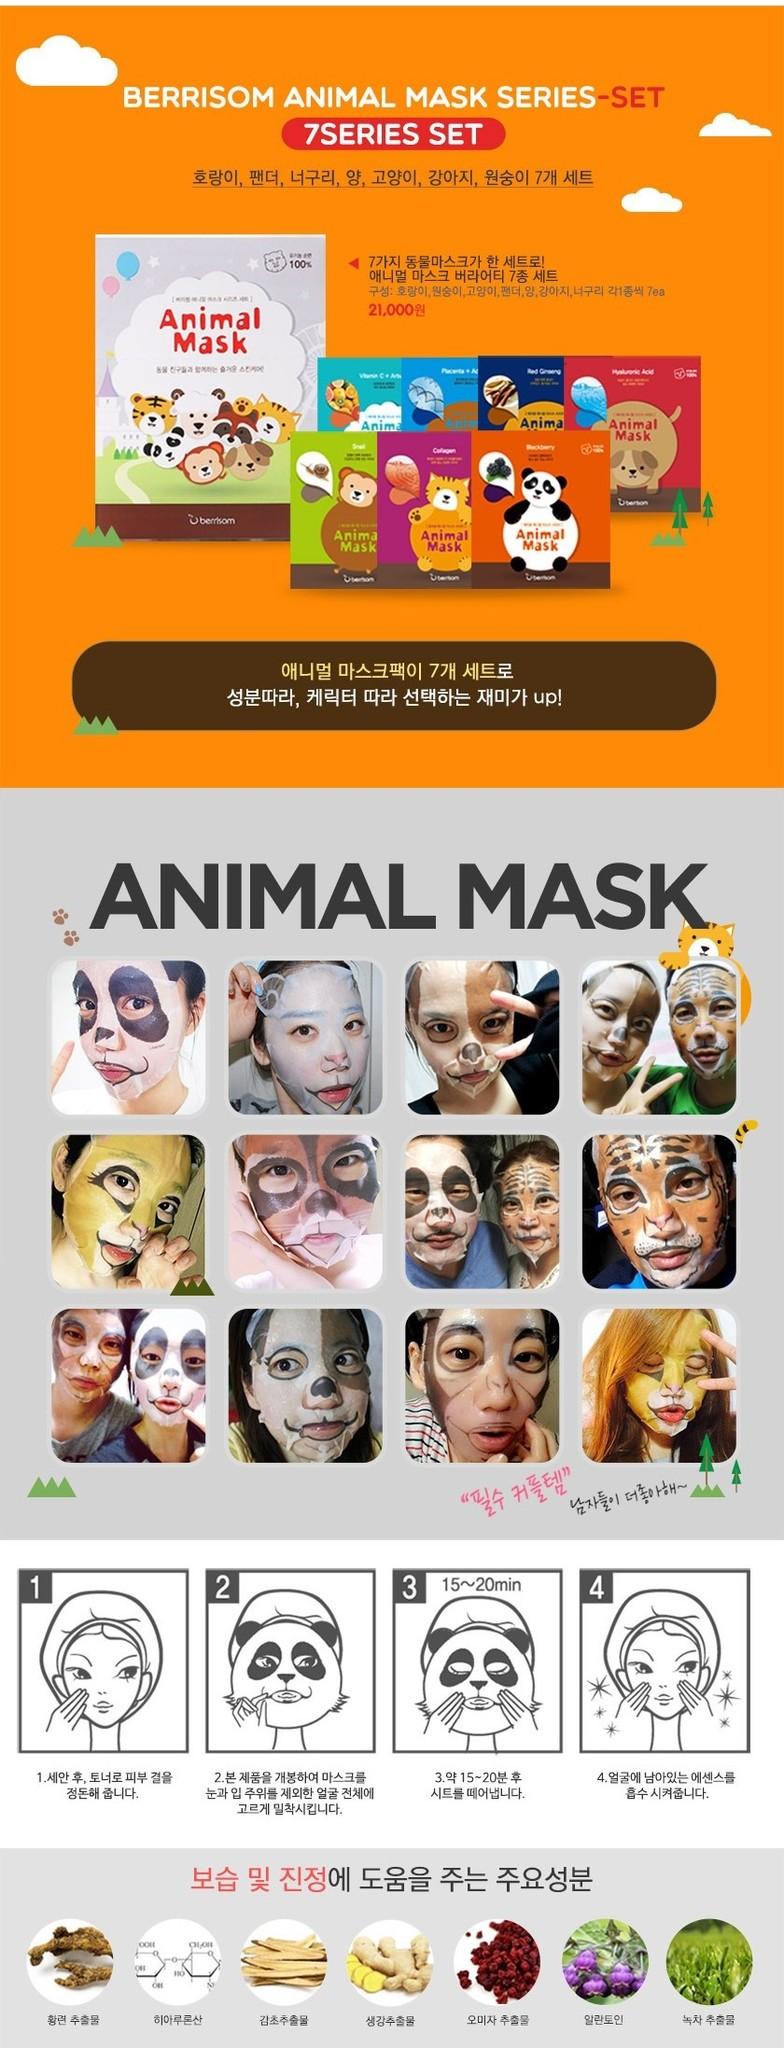 Animal Mask Series - Panda-6